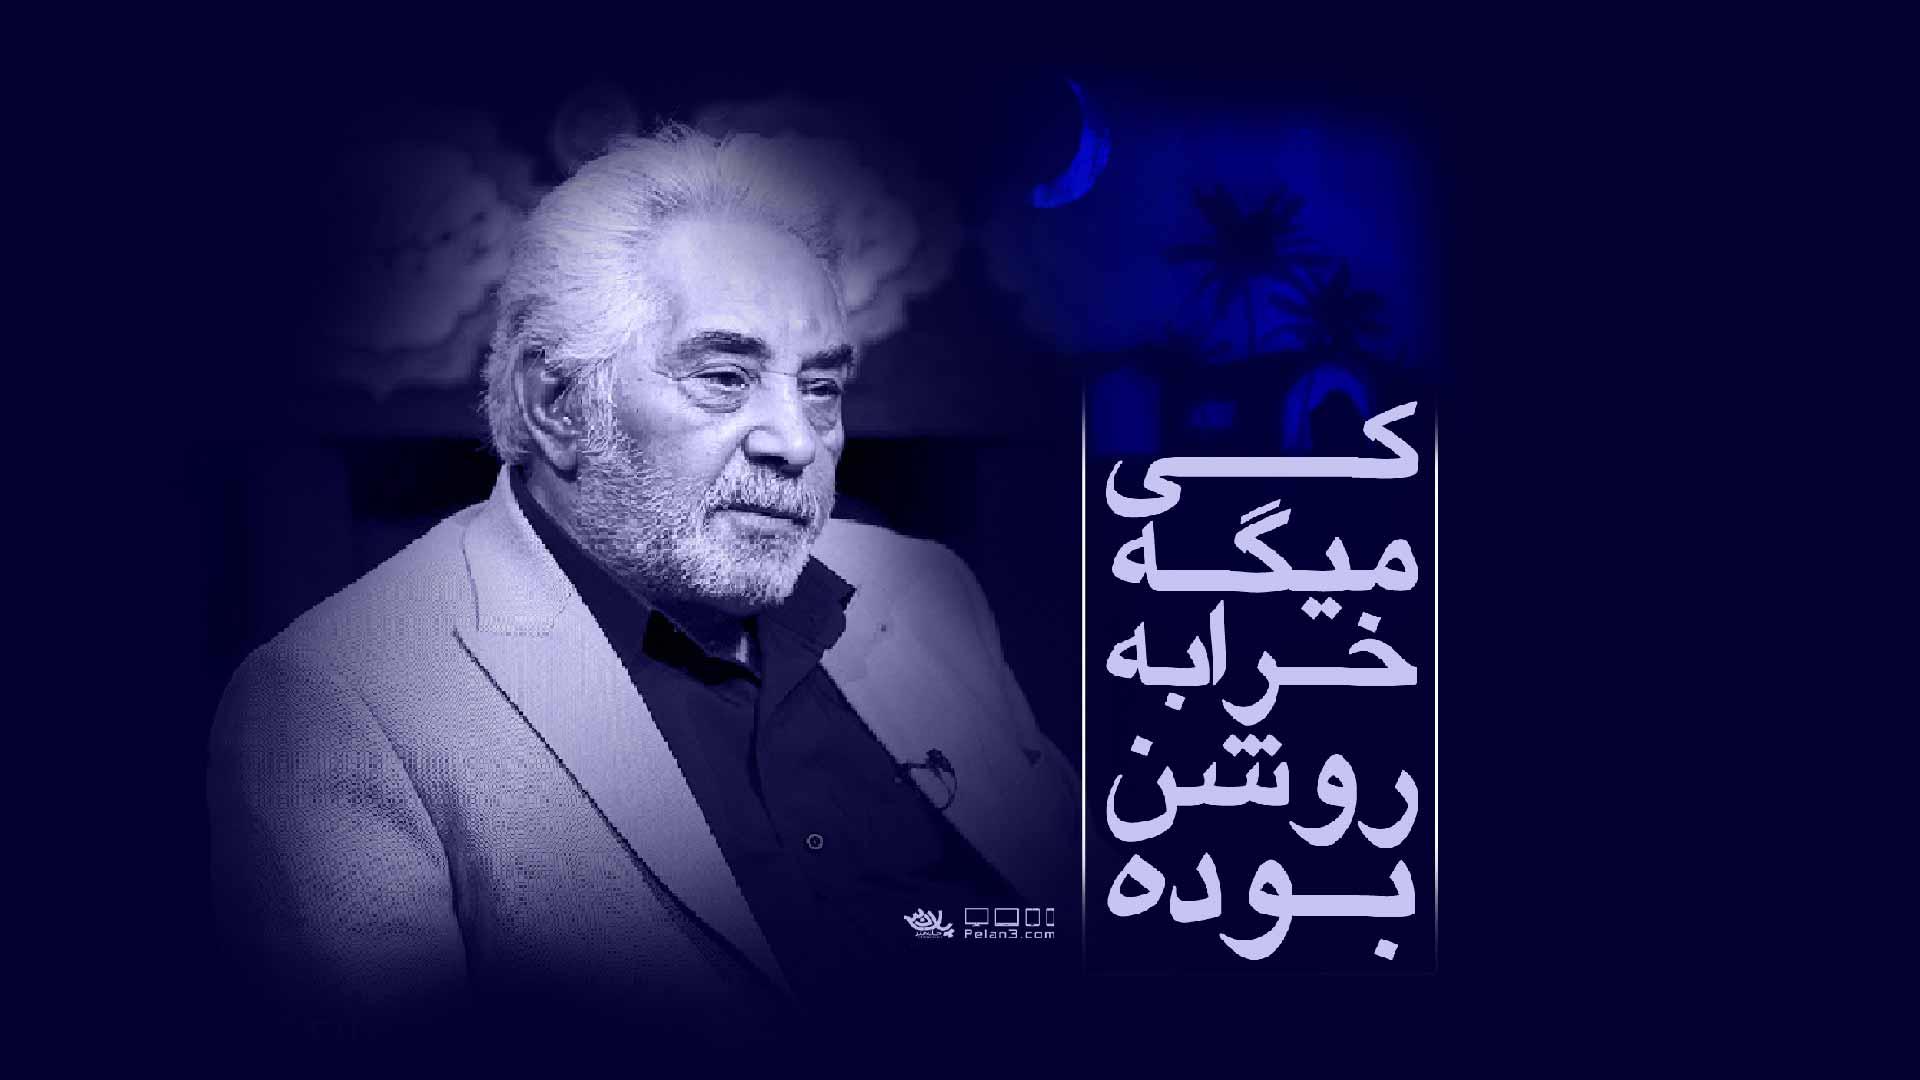 خرابه محمد نوروزی